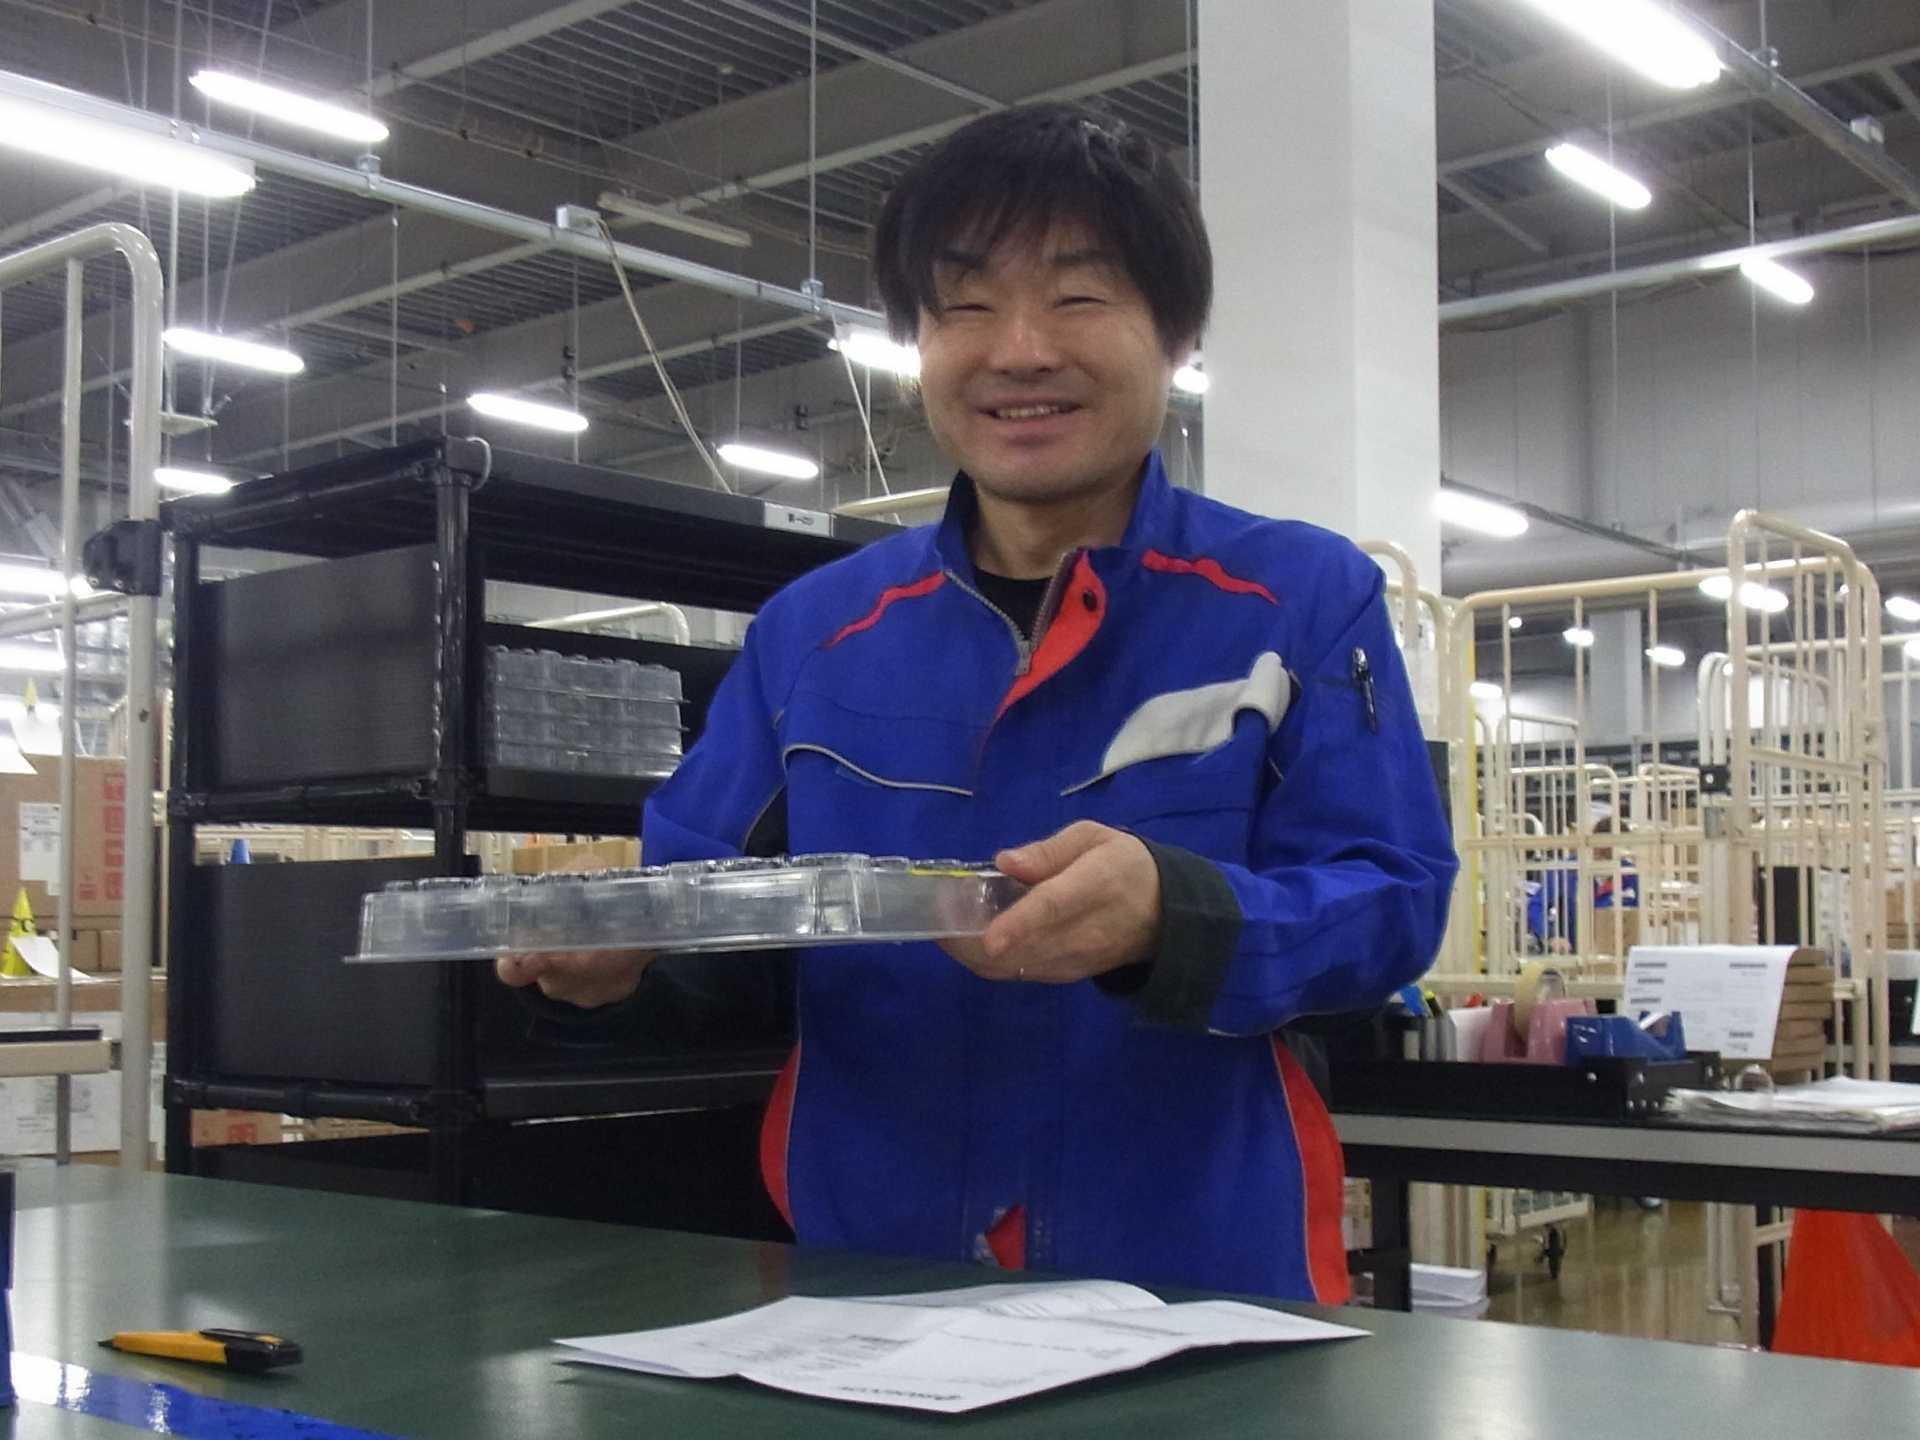 入社時は製品に関する初期教育を行いますので、初めての方も安心です。